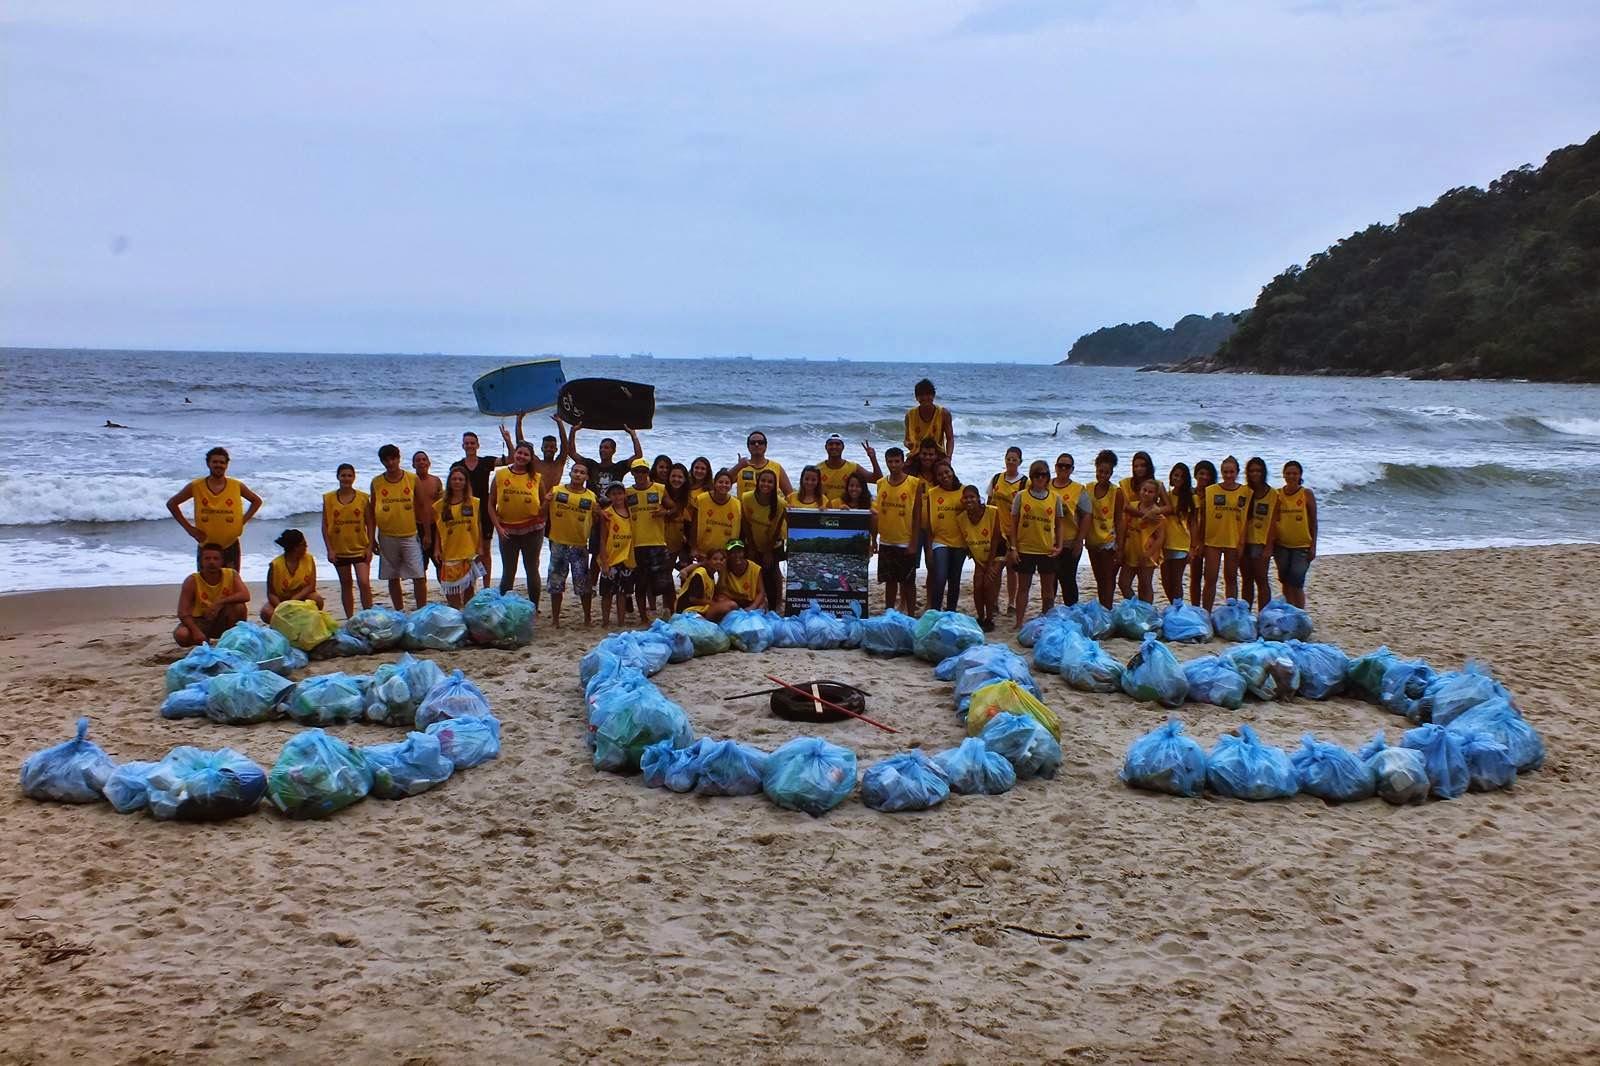 Voluntários do Instituto EcoFaxina durante a 45ª Ação Voluntária EcoFaxina realizada na praia de Itaquitanduva, em São Vicente. Crédito: William R. Schepis / Instituto EcoFaxina